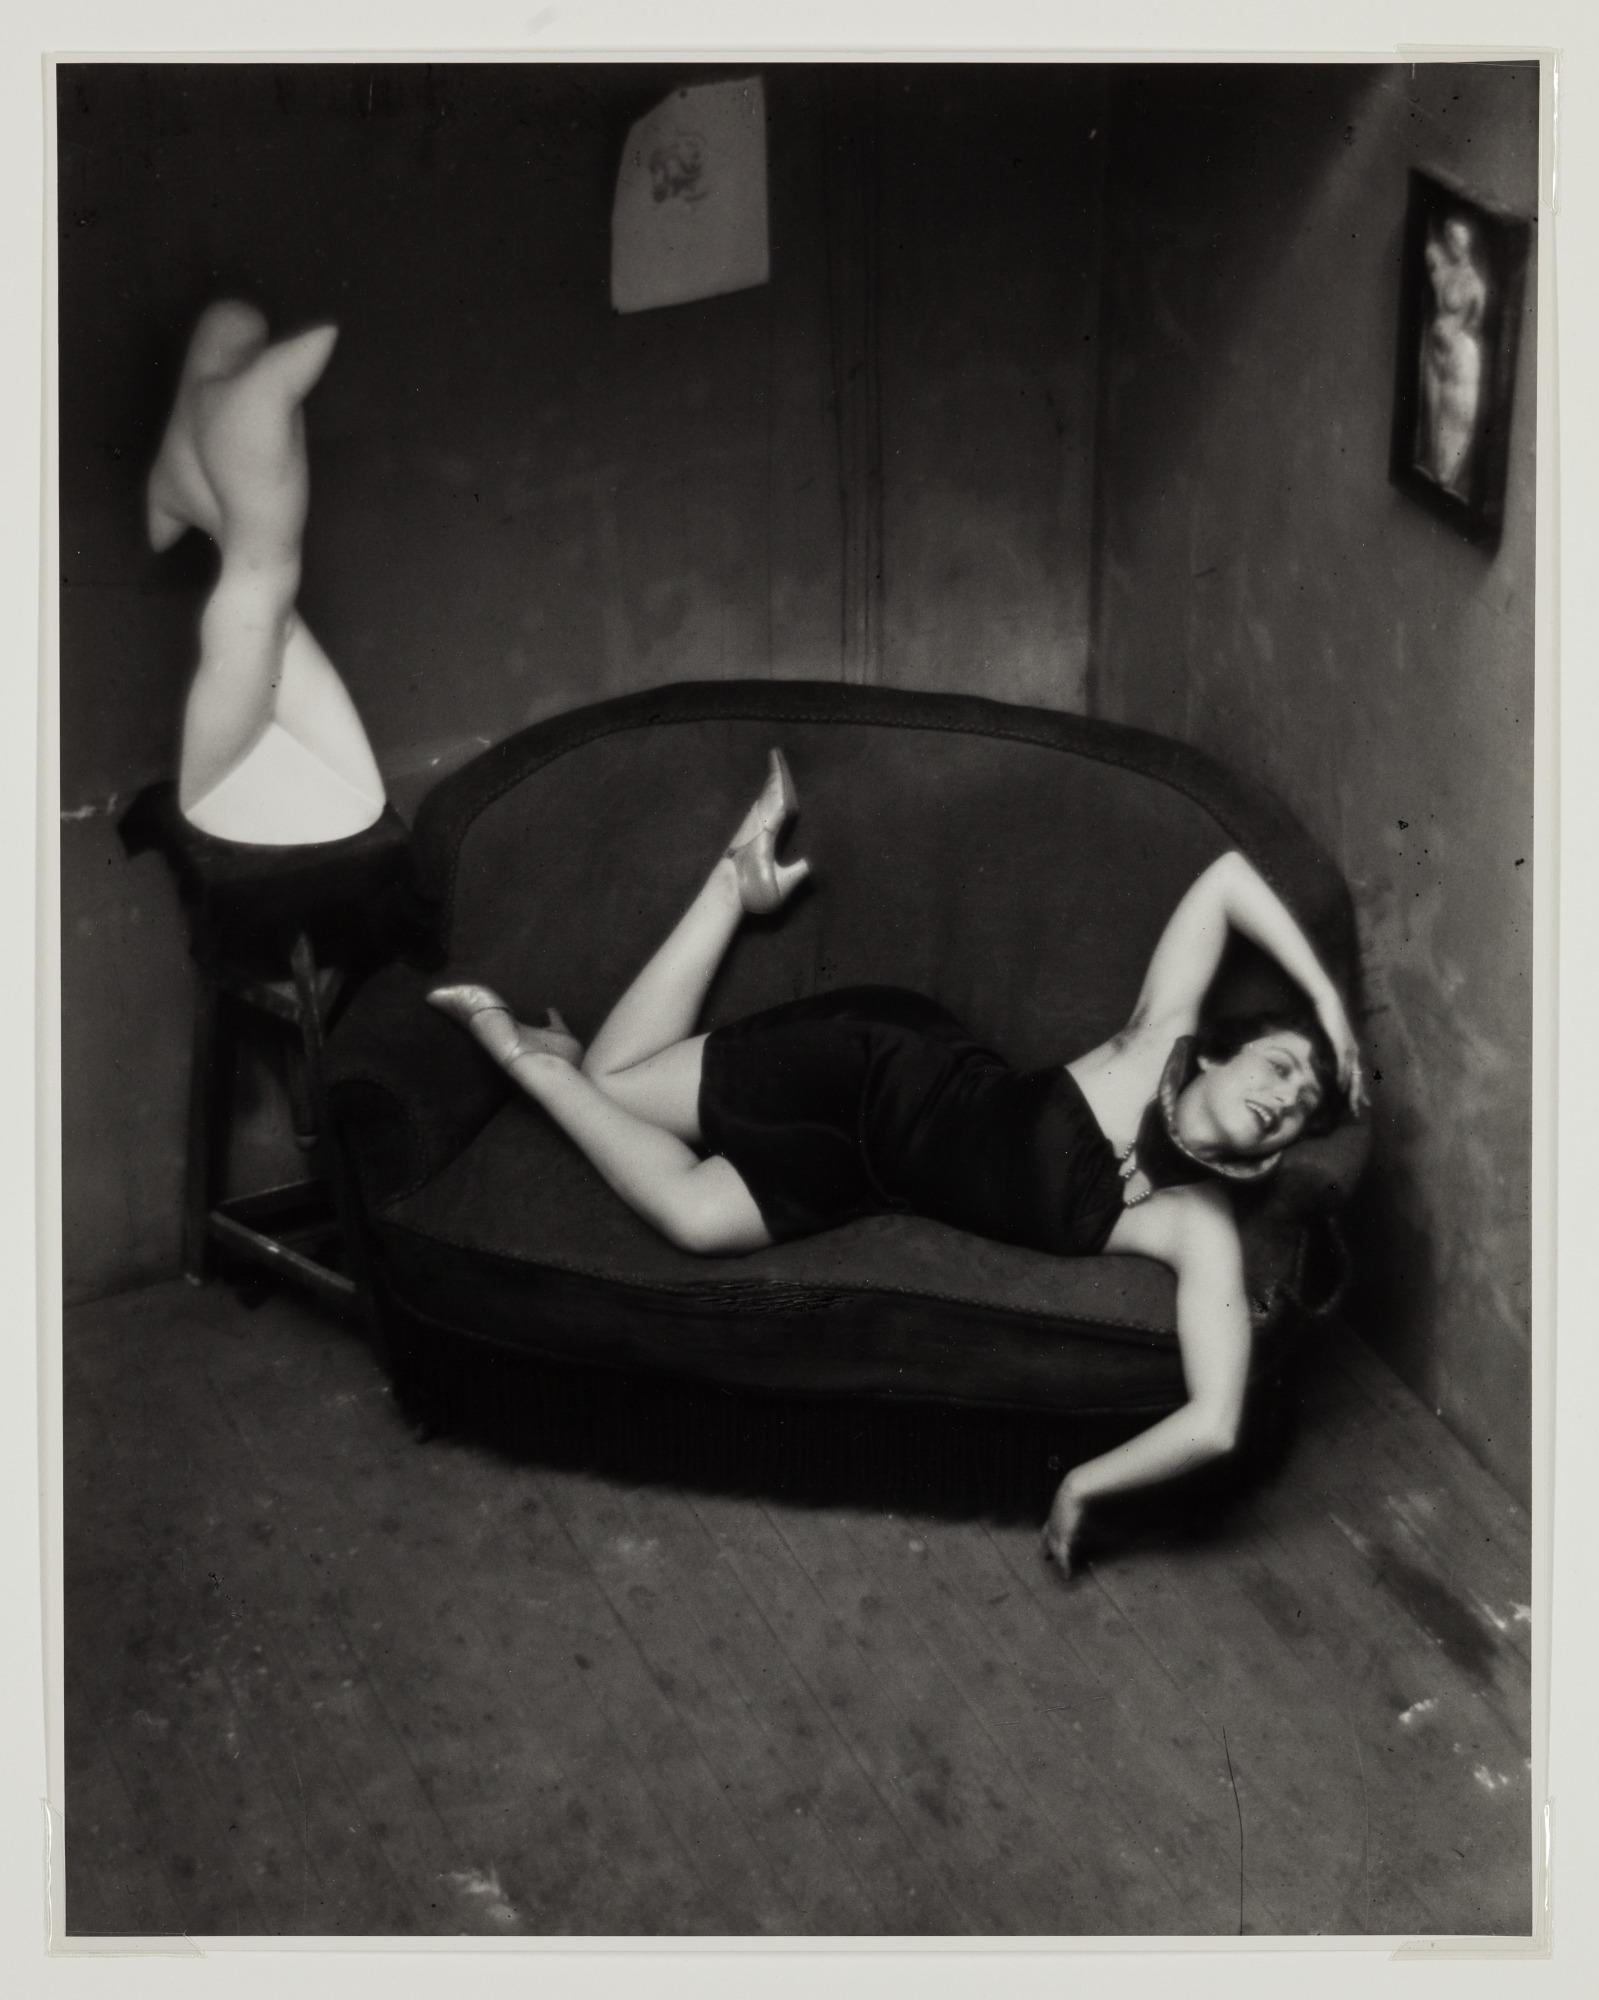 André Kertész, Satiric Dancer, Paris, 1926